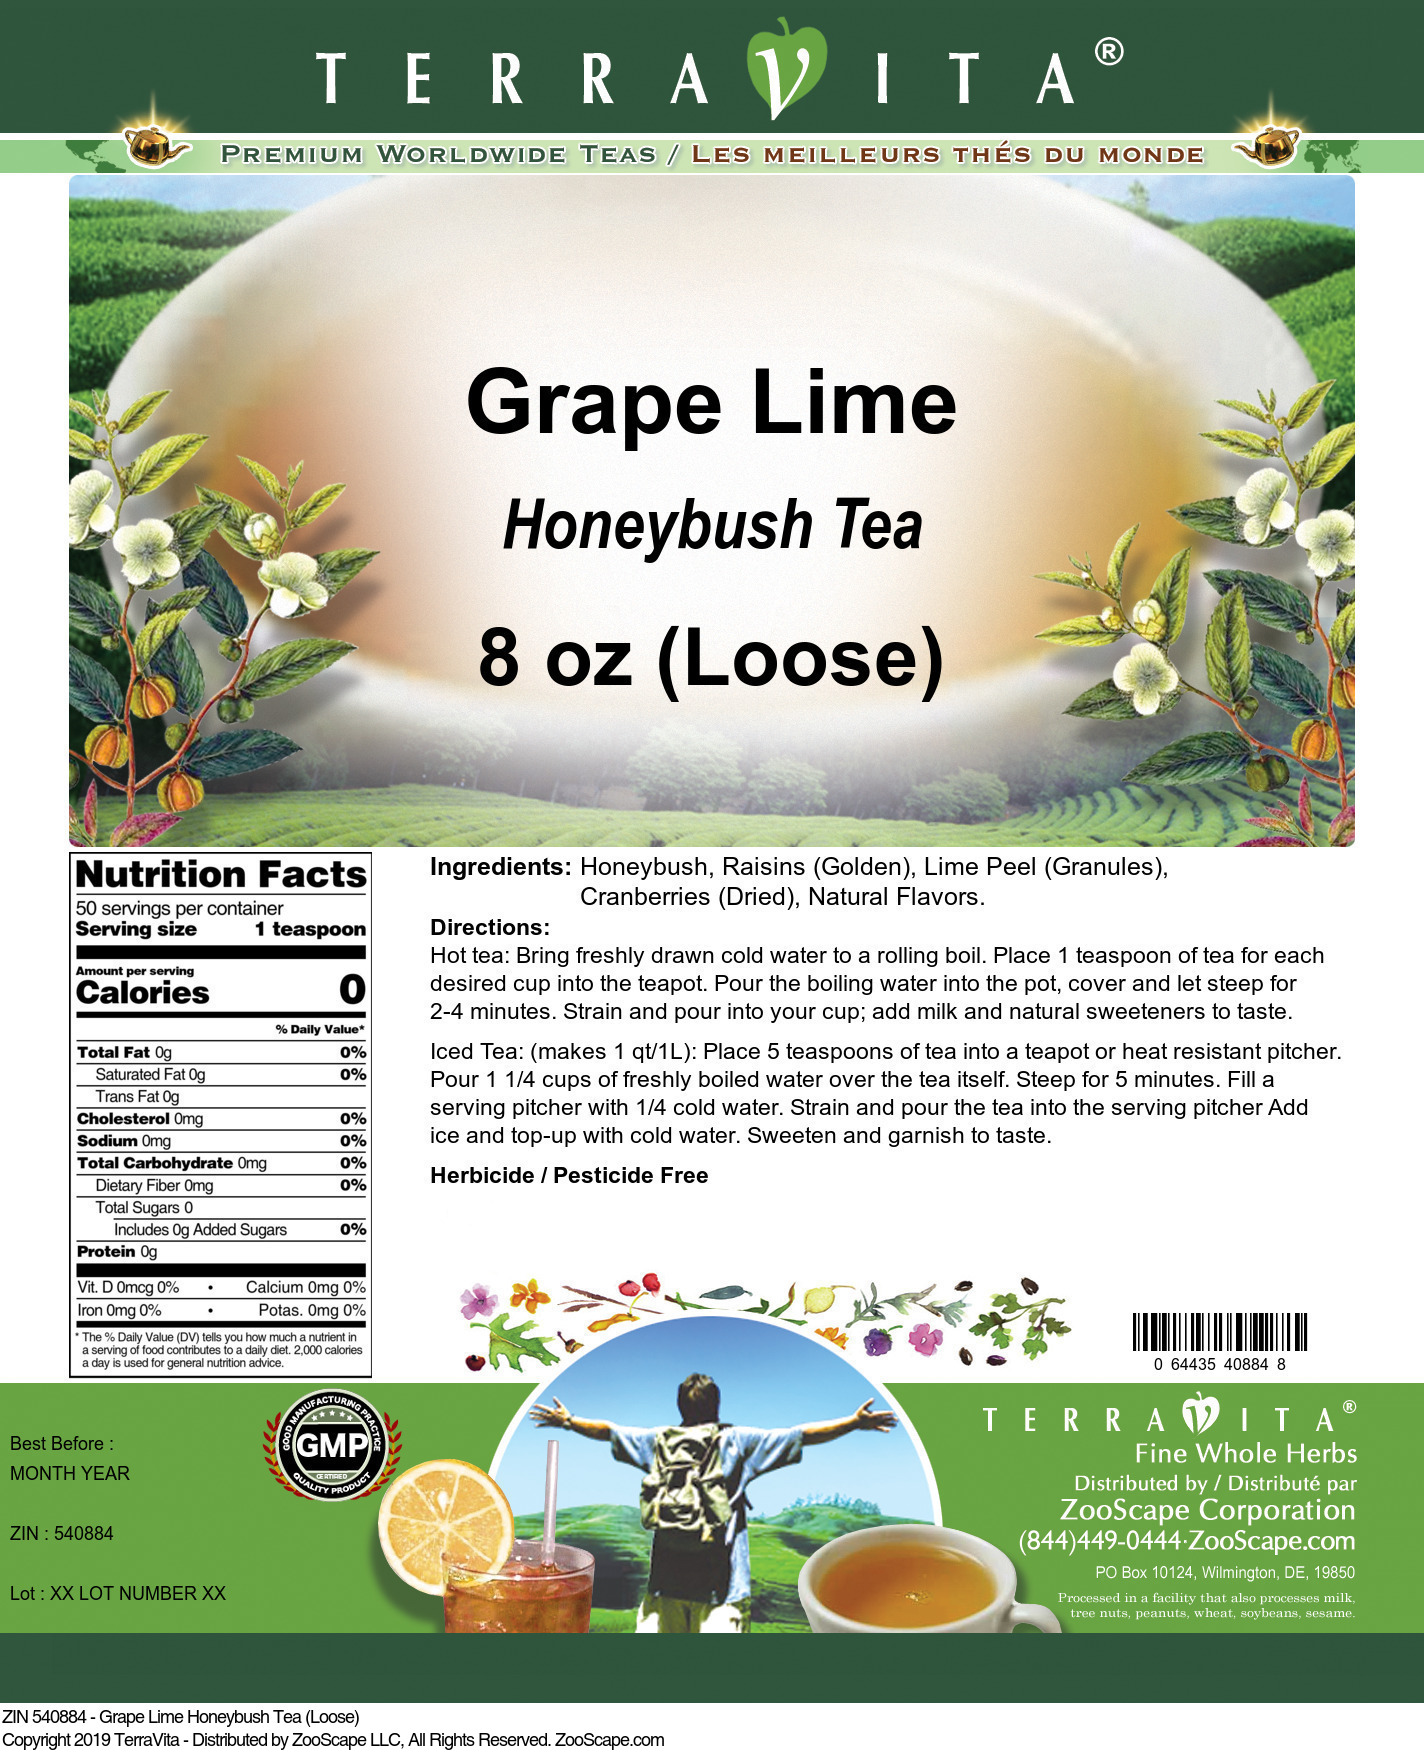 Grape Lime Honeybush Tea